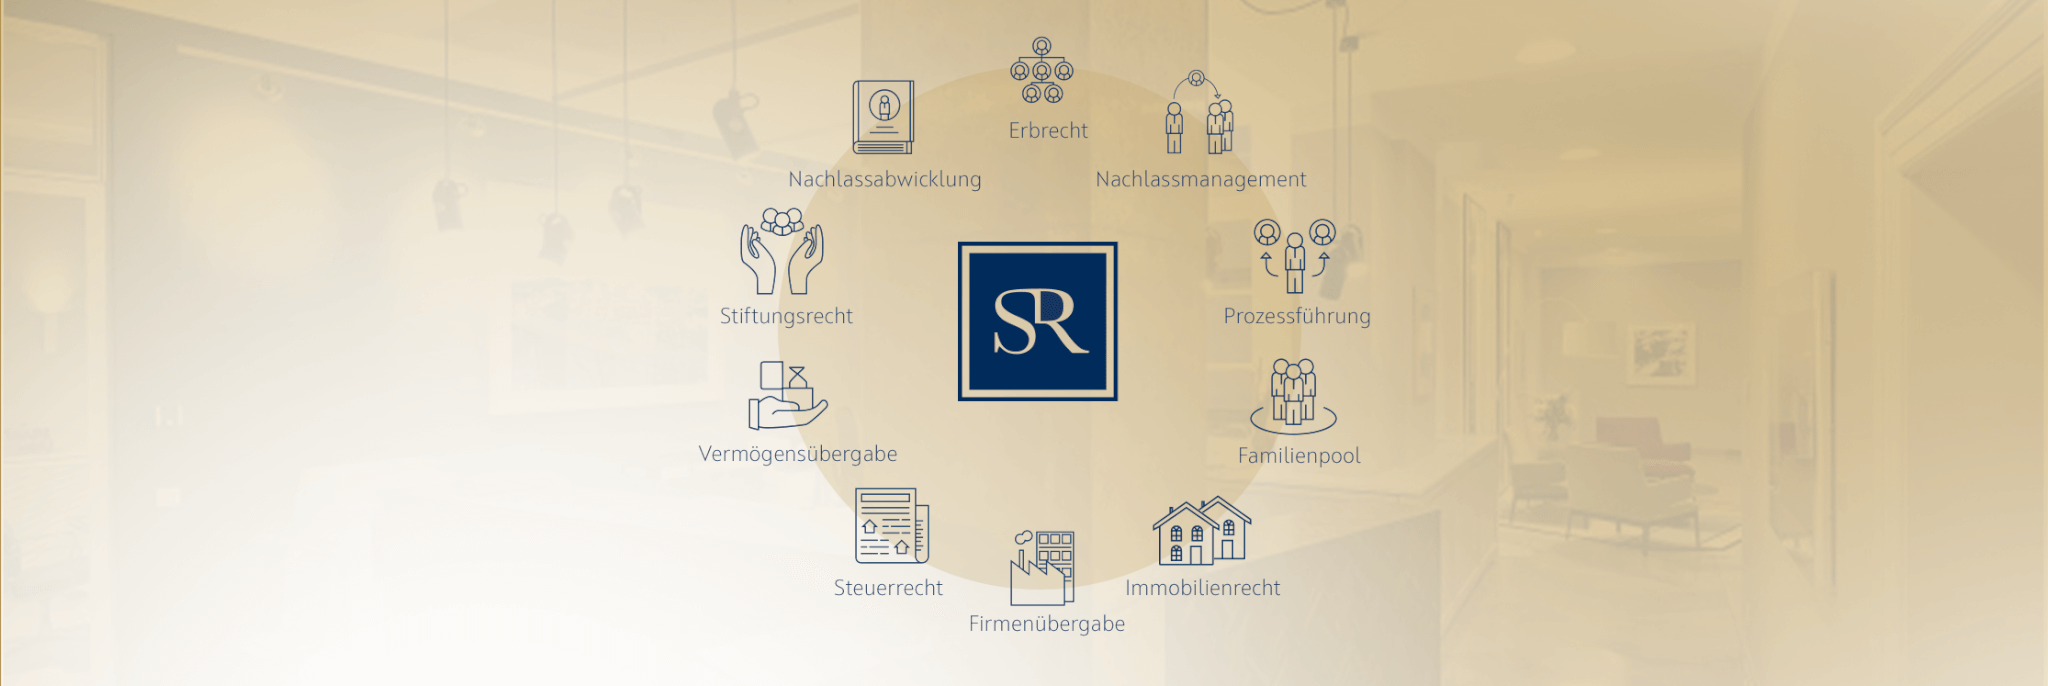 Kompetenzen der Kanzlei Schuhmann